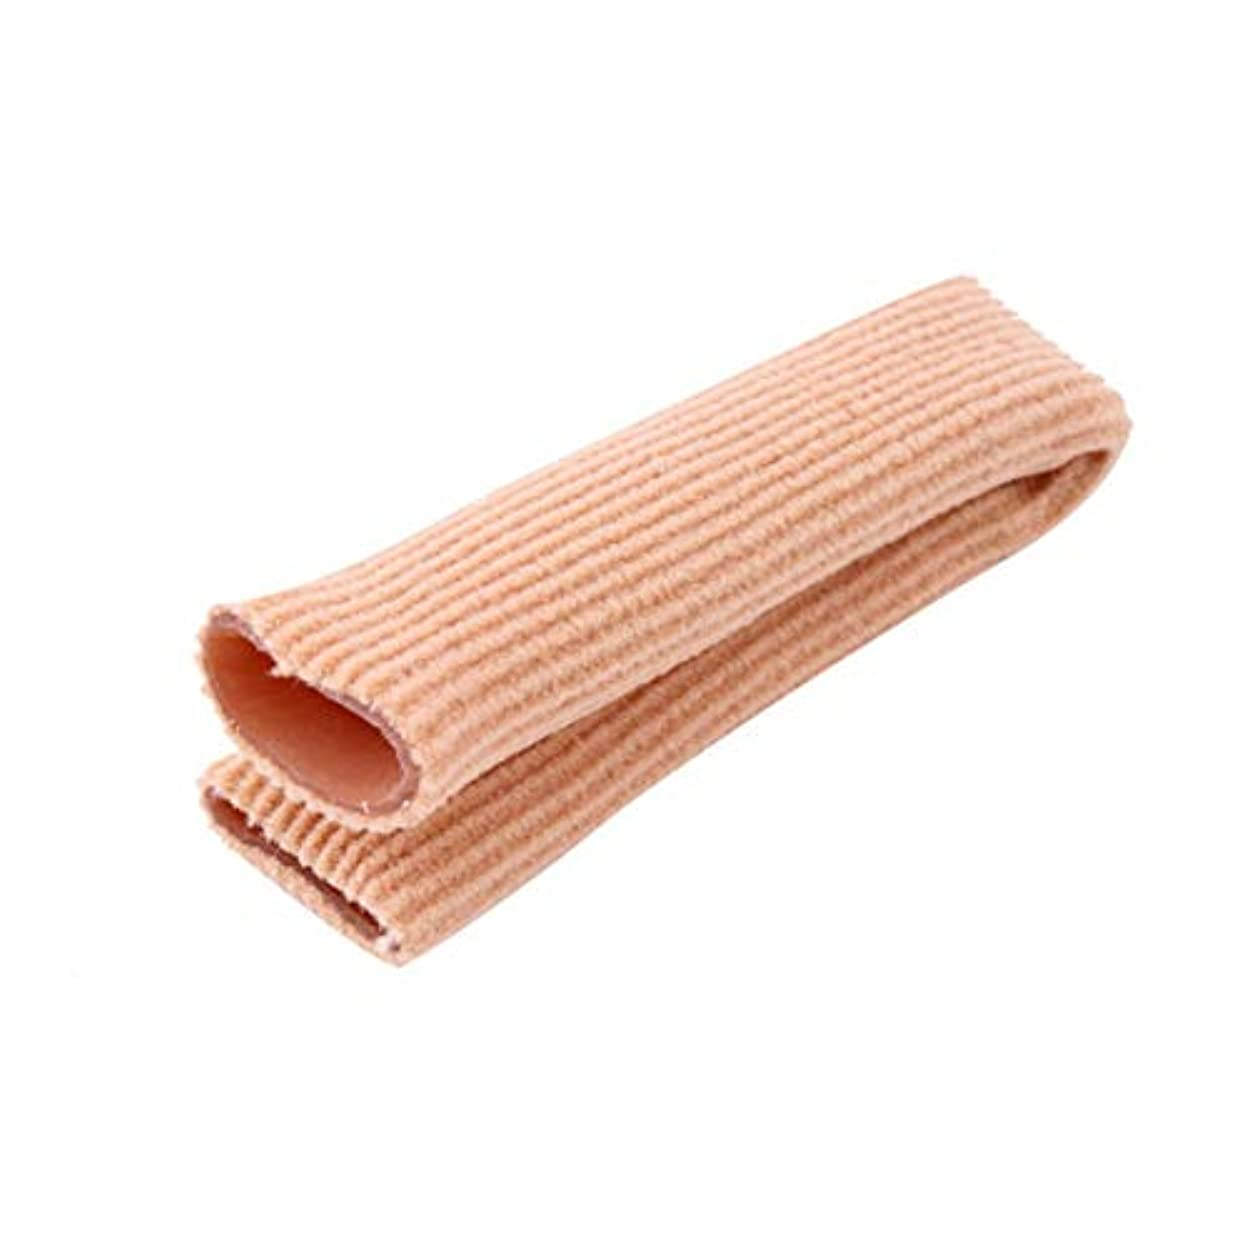 前置詞分散特別にファブリックジェルチューブ包帯フィンガー&トゥ保護フットフィート痛み緩和フィートケア用インソール15CMフィートガード